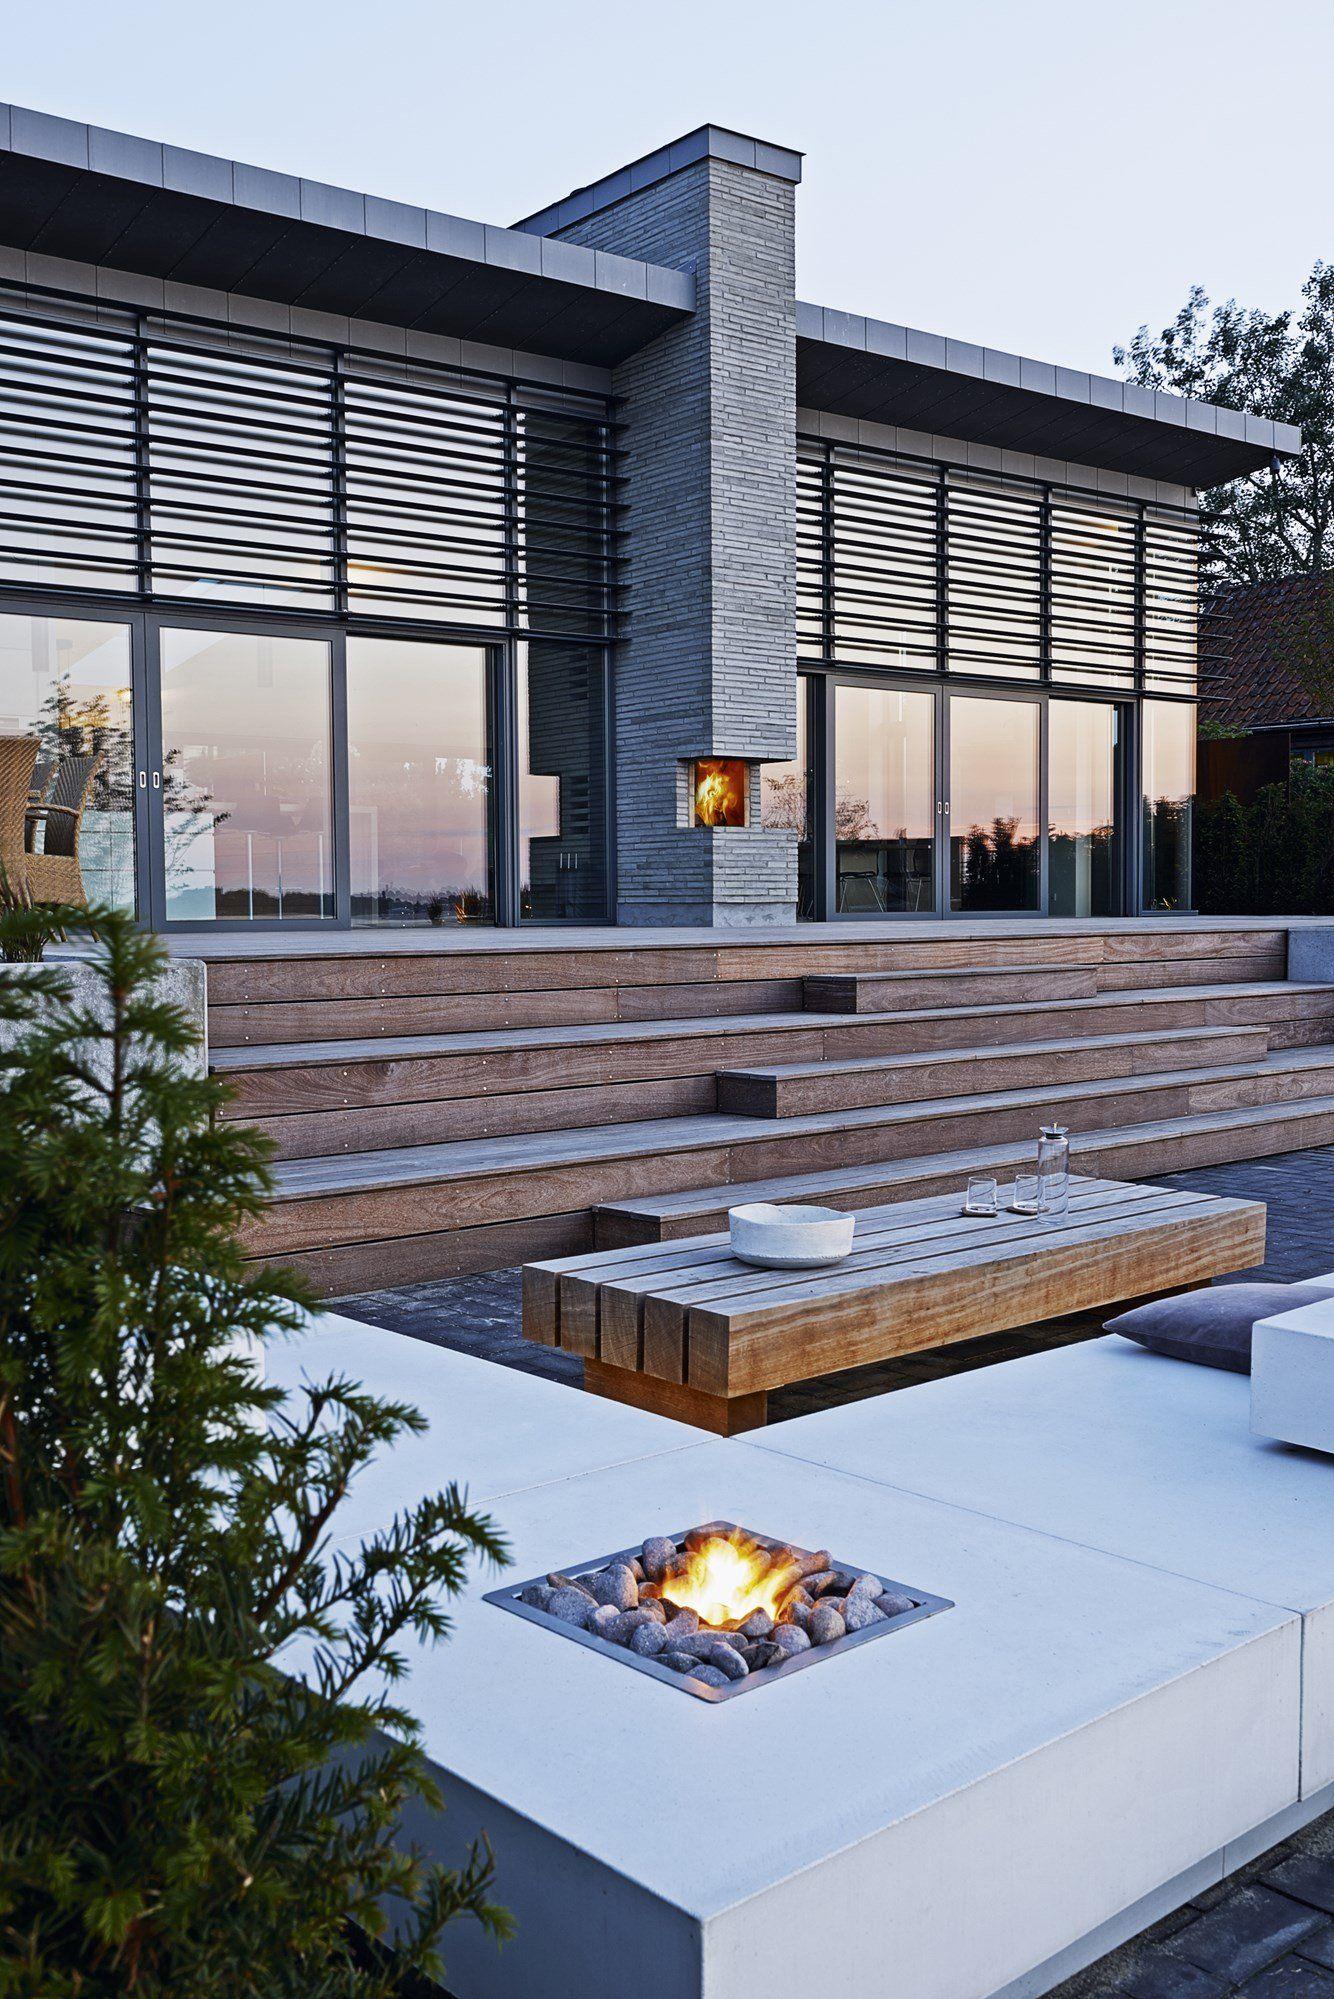 Olymp Fireplace er navnet på den gaspejs, Tor Haddeland har udviklet, hvor flammen brænder op gennem et lag af søsten. Her er gaspejsen integreret i de udendørs loungemøbler, han også har lagt streg til. Se mere på haddeland-design.dk